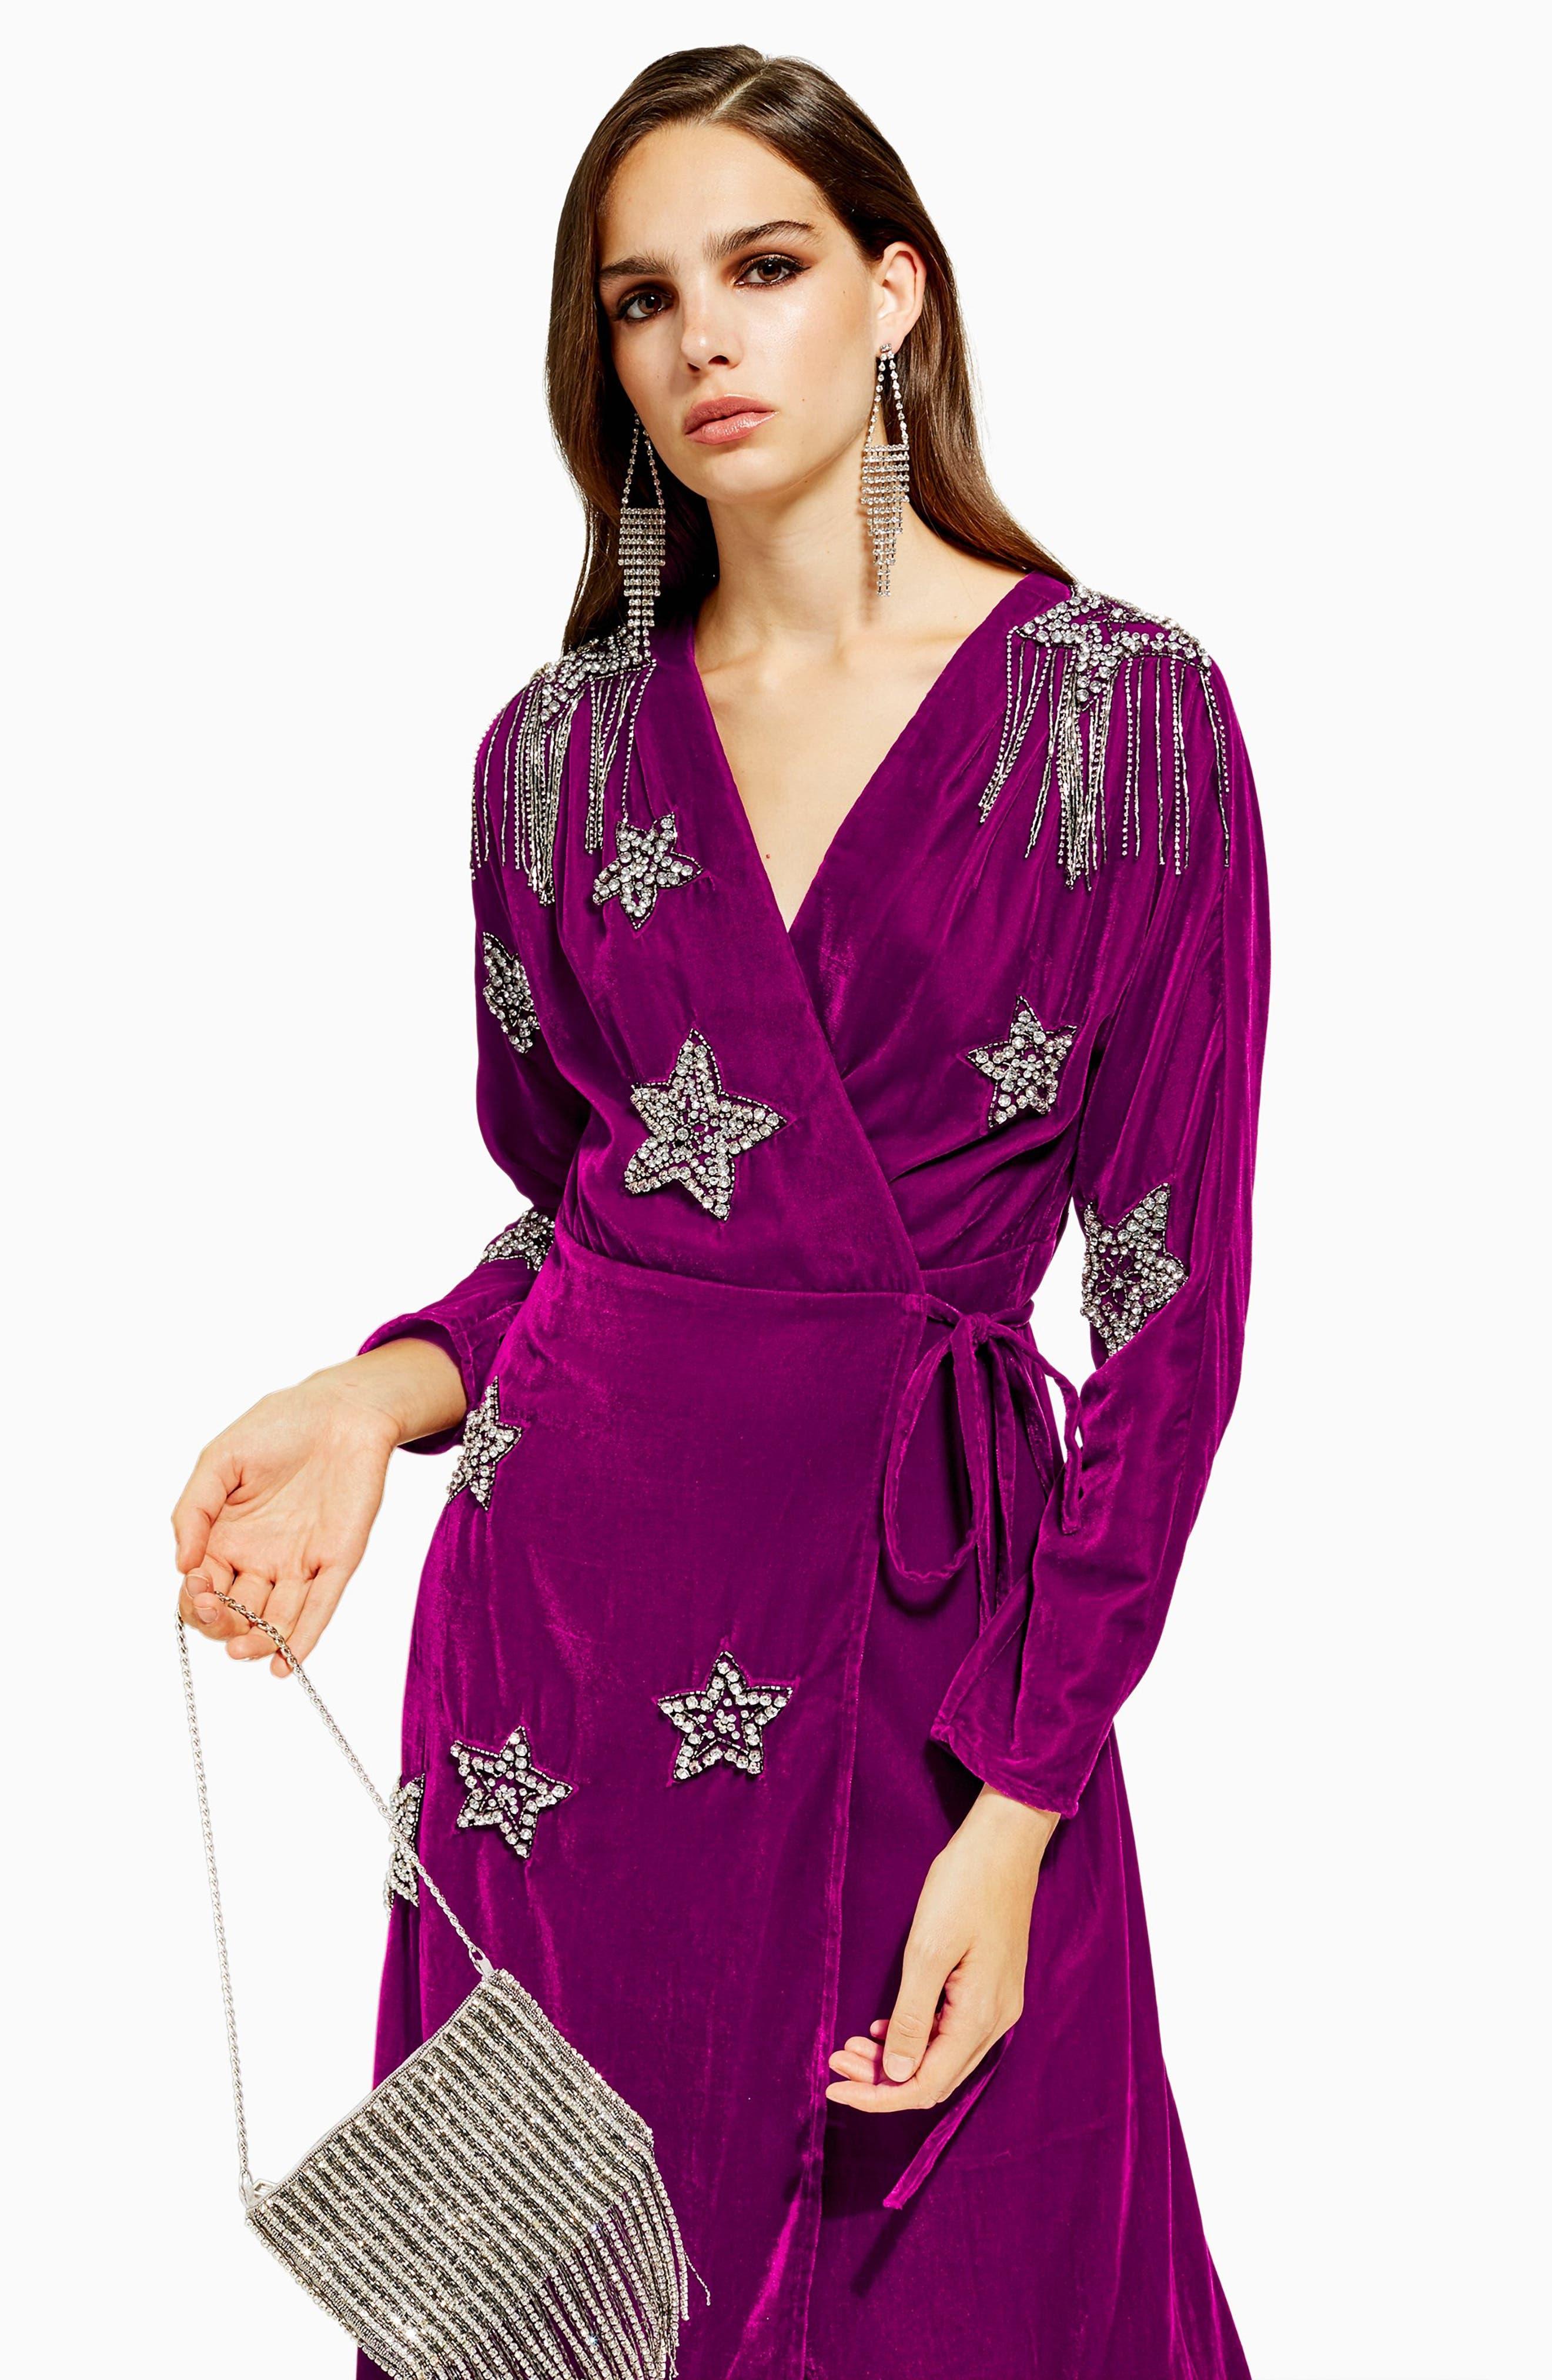 Velvet Embroidered Wrap Dress,                             Alternate thumbnail 5, color,                             540